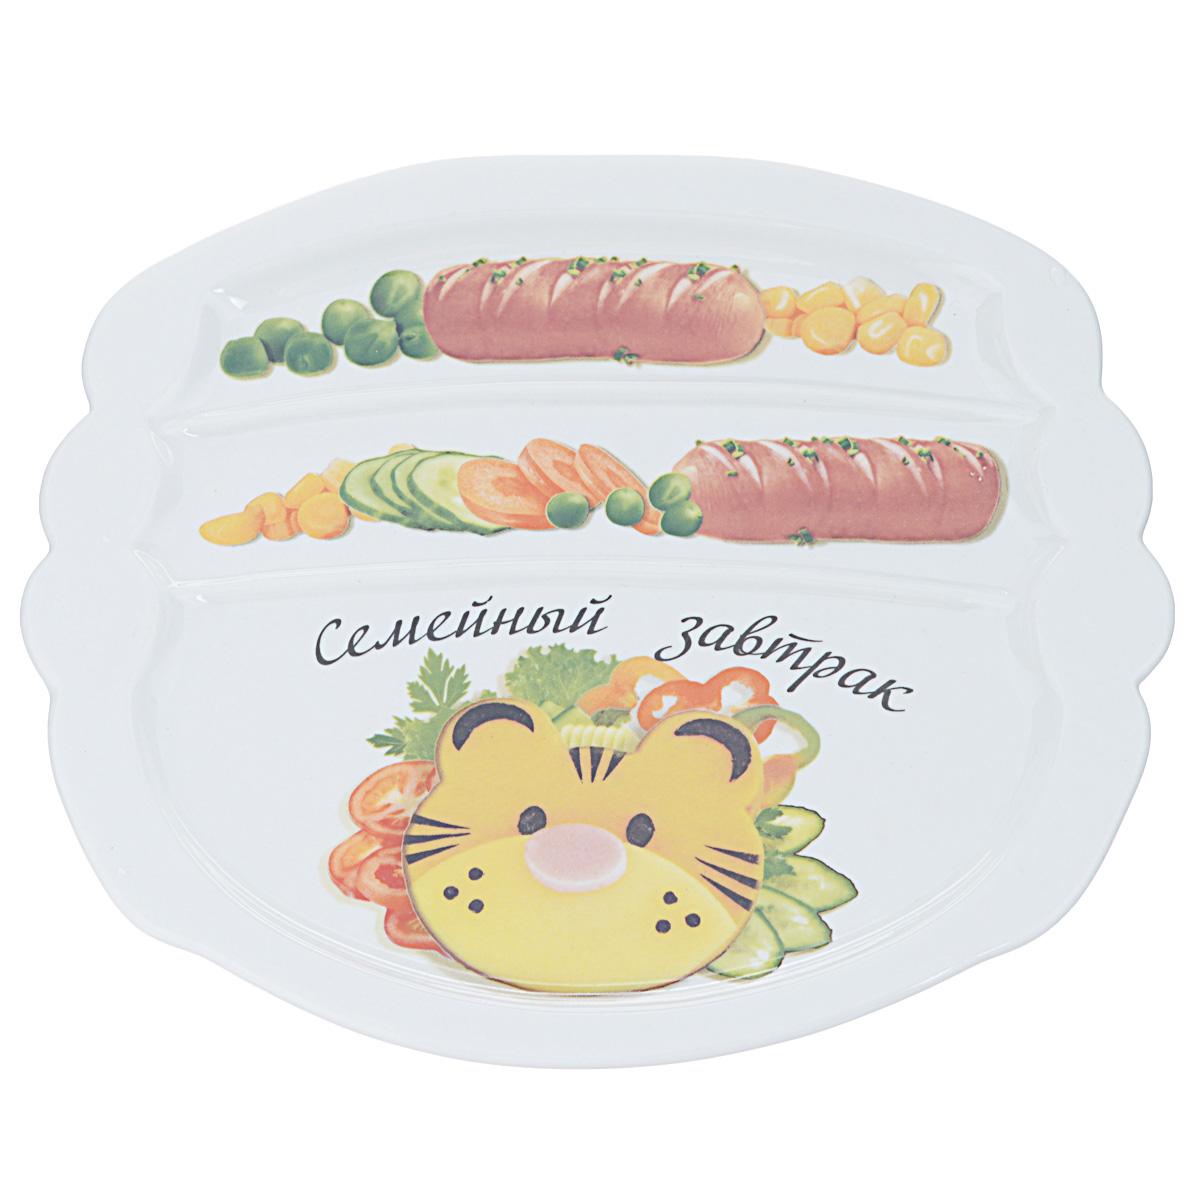 Тарелка для завтрака LarangE Семейный завтрак у тигра, 22,5 х 19 x 1,5 см54 009312Тарелка для завтрака LarangE изготовлена из высококачественной керамики. Изделие украшено ярким изображением. Тарелка имеет три отделения: 2 маленьких отделения для сосисок и одно большое отделение для яичницы или другого блюда. Можно использовать в СВЧ печах, духовом шкафу и холодильнике. Не применять абразивные чистящие вещества.